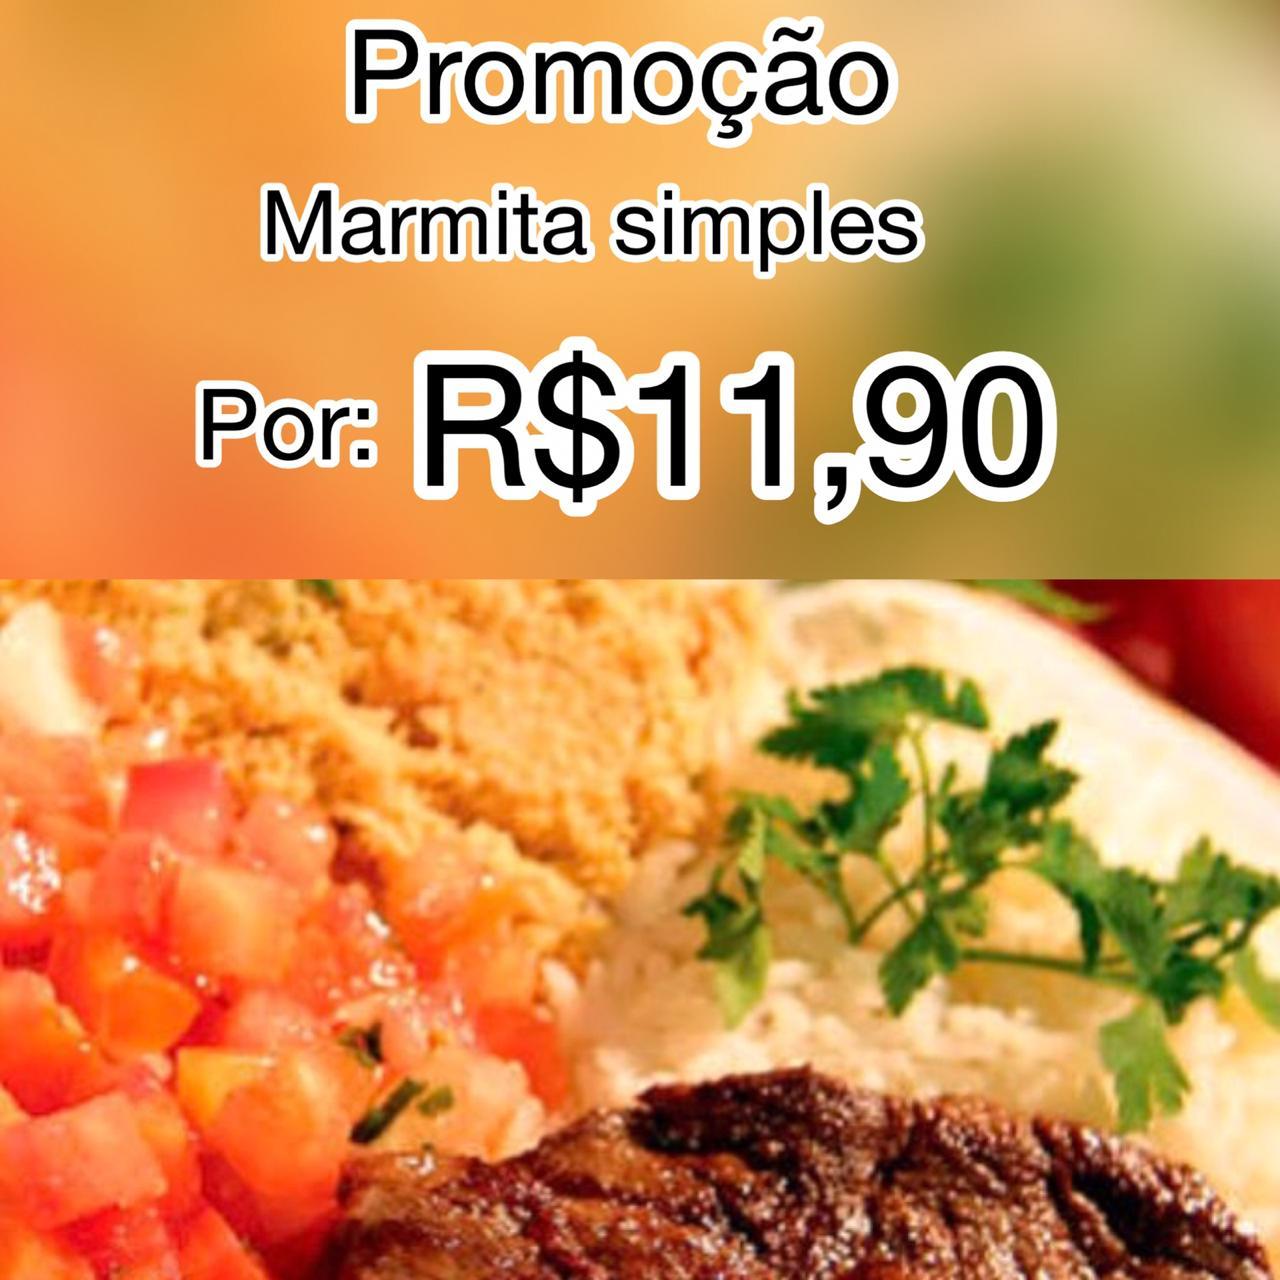 Marmita - Marmita simples